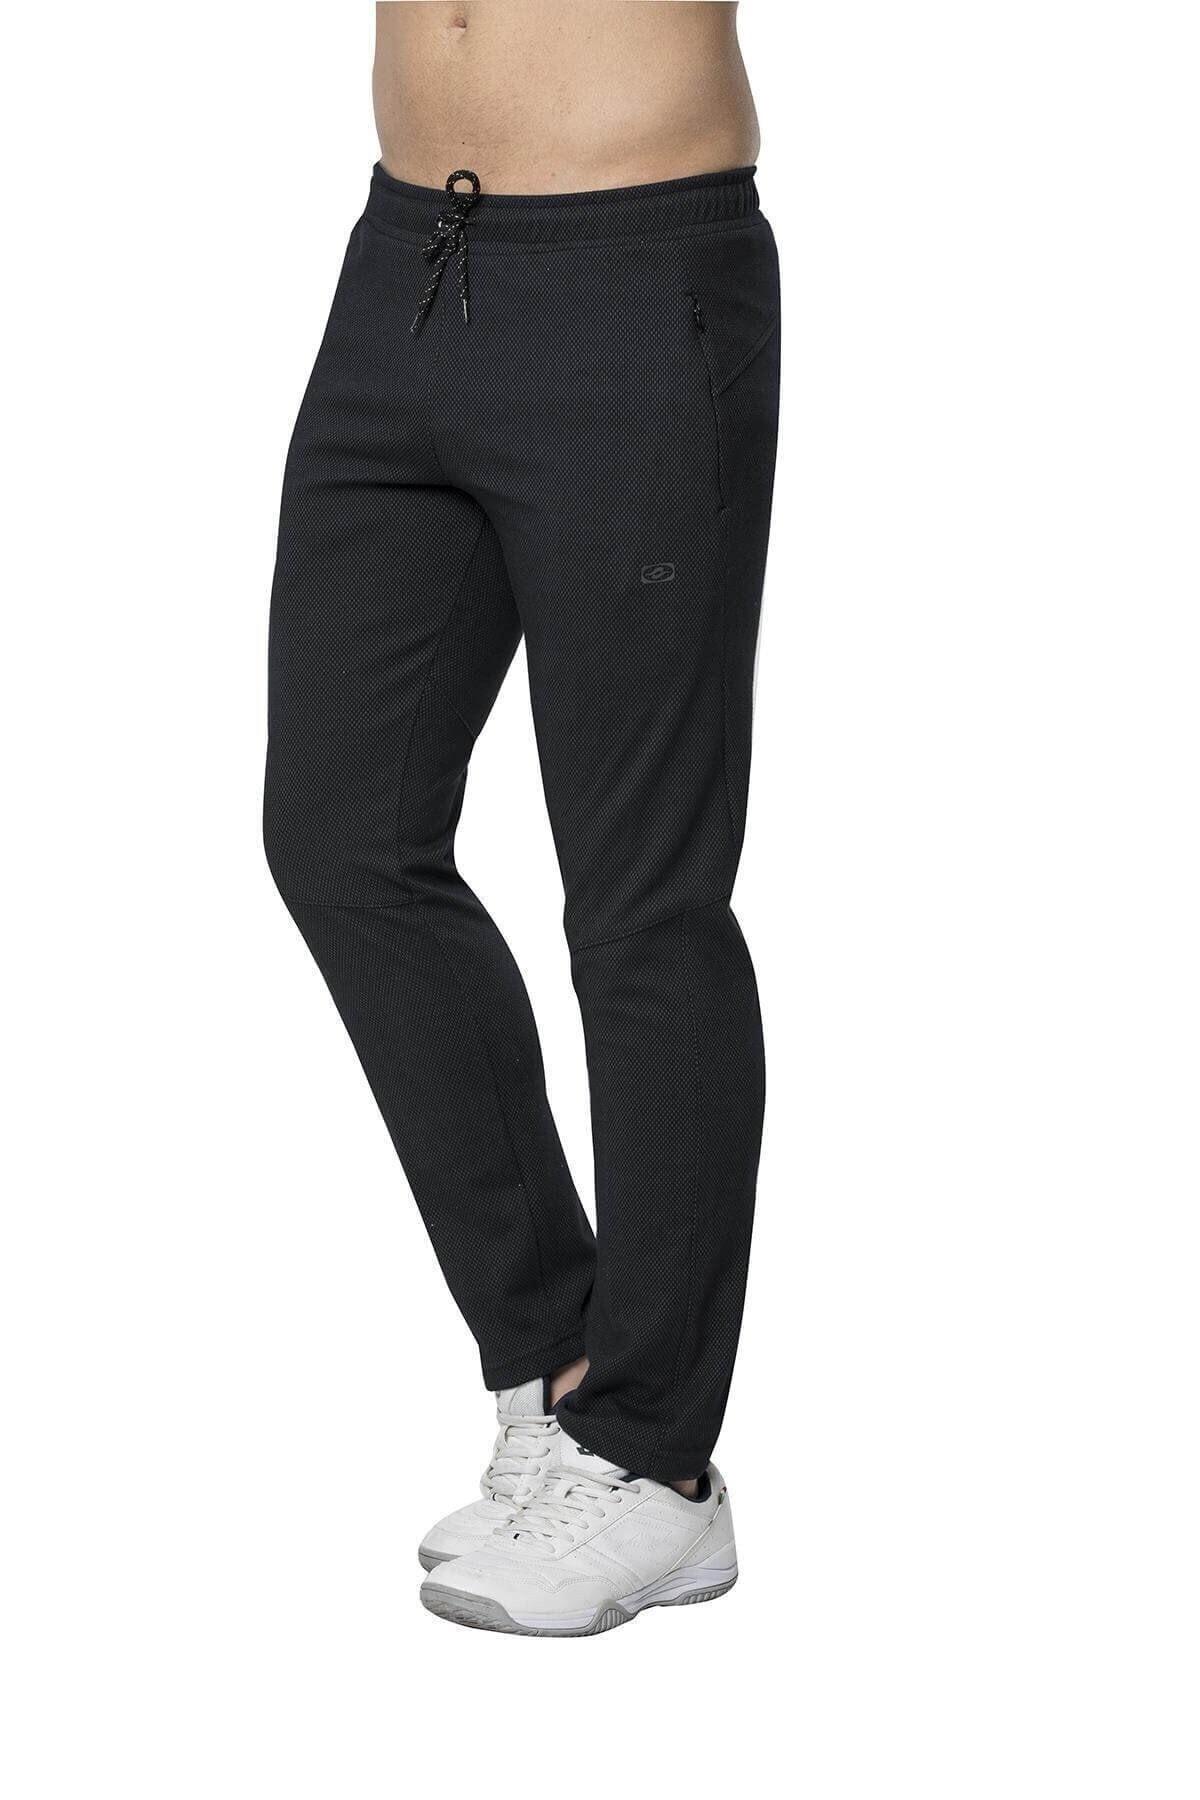 Crozwise Yağmur Desen Erkek Düz Paça Pantolon 1